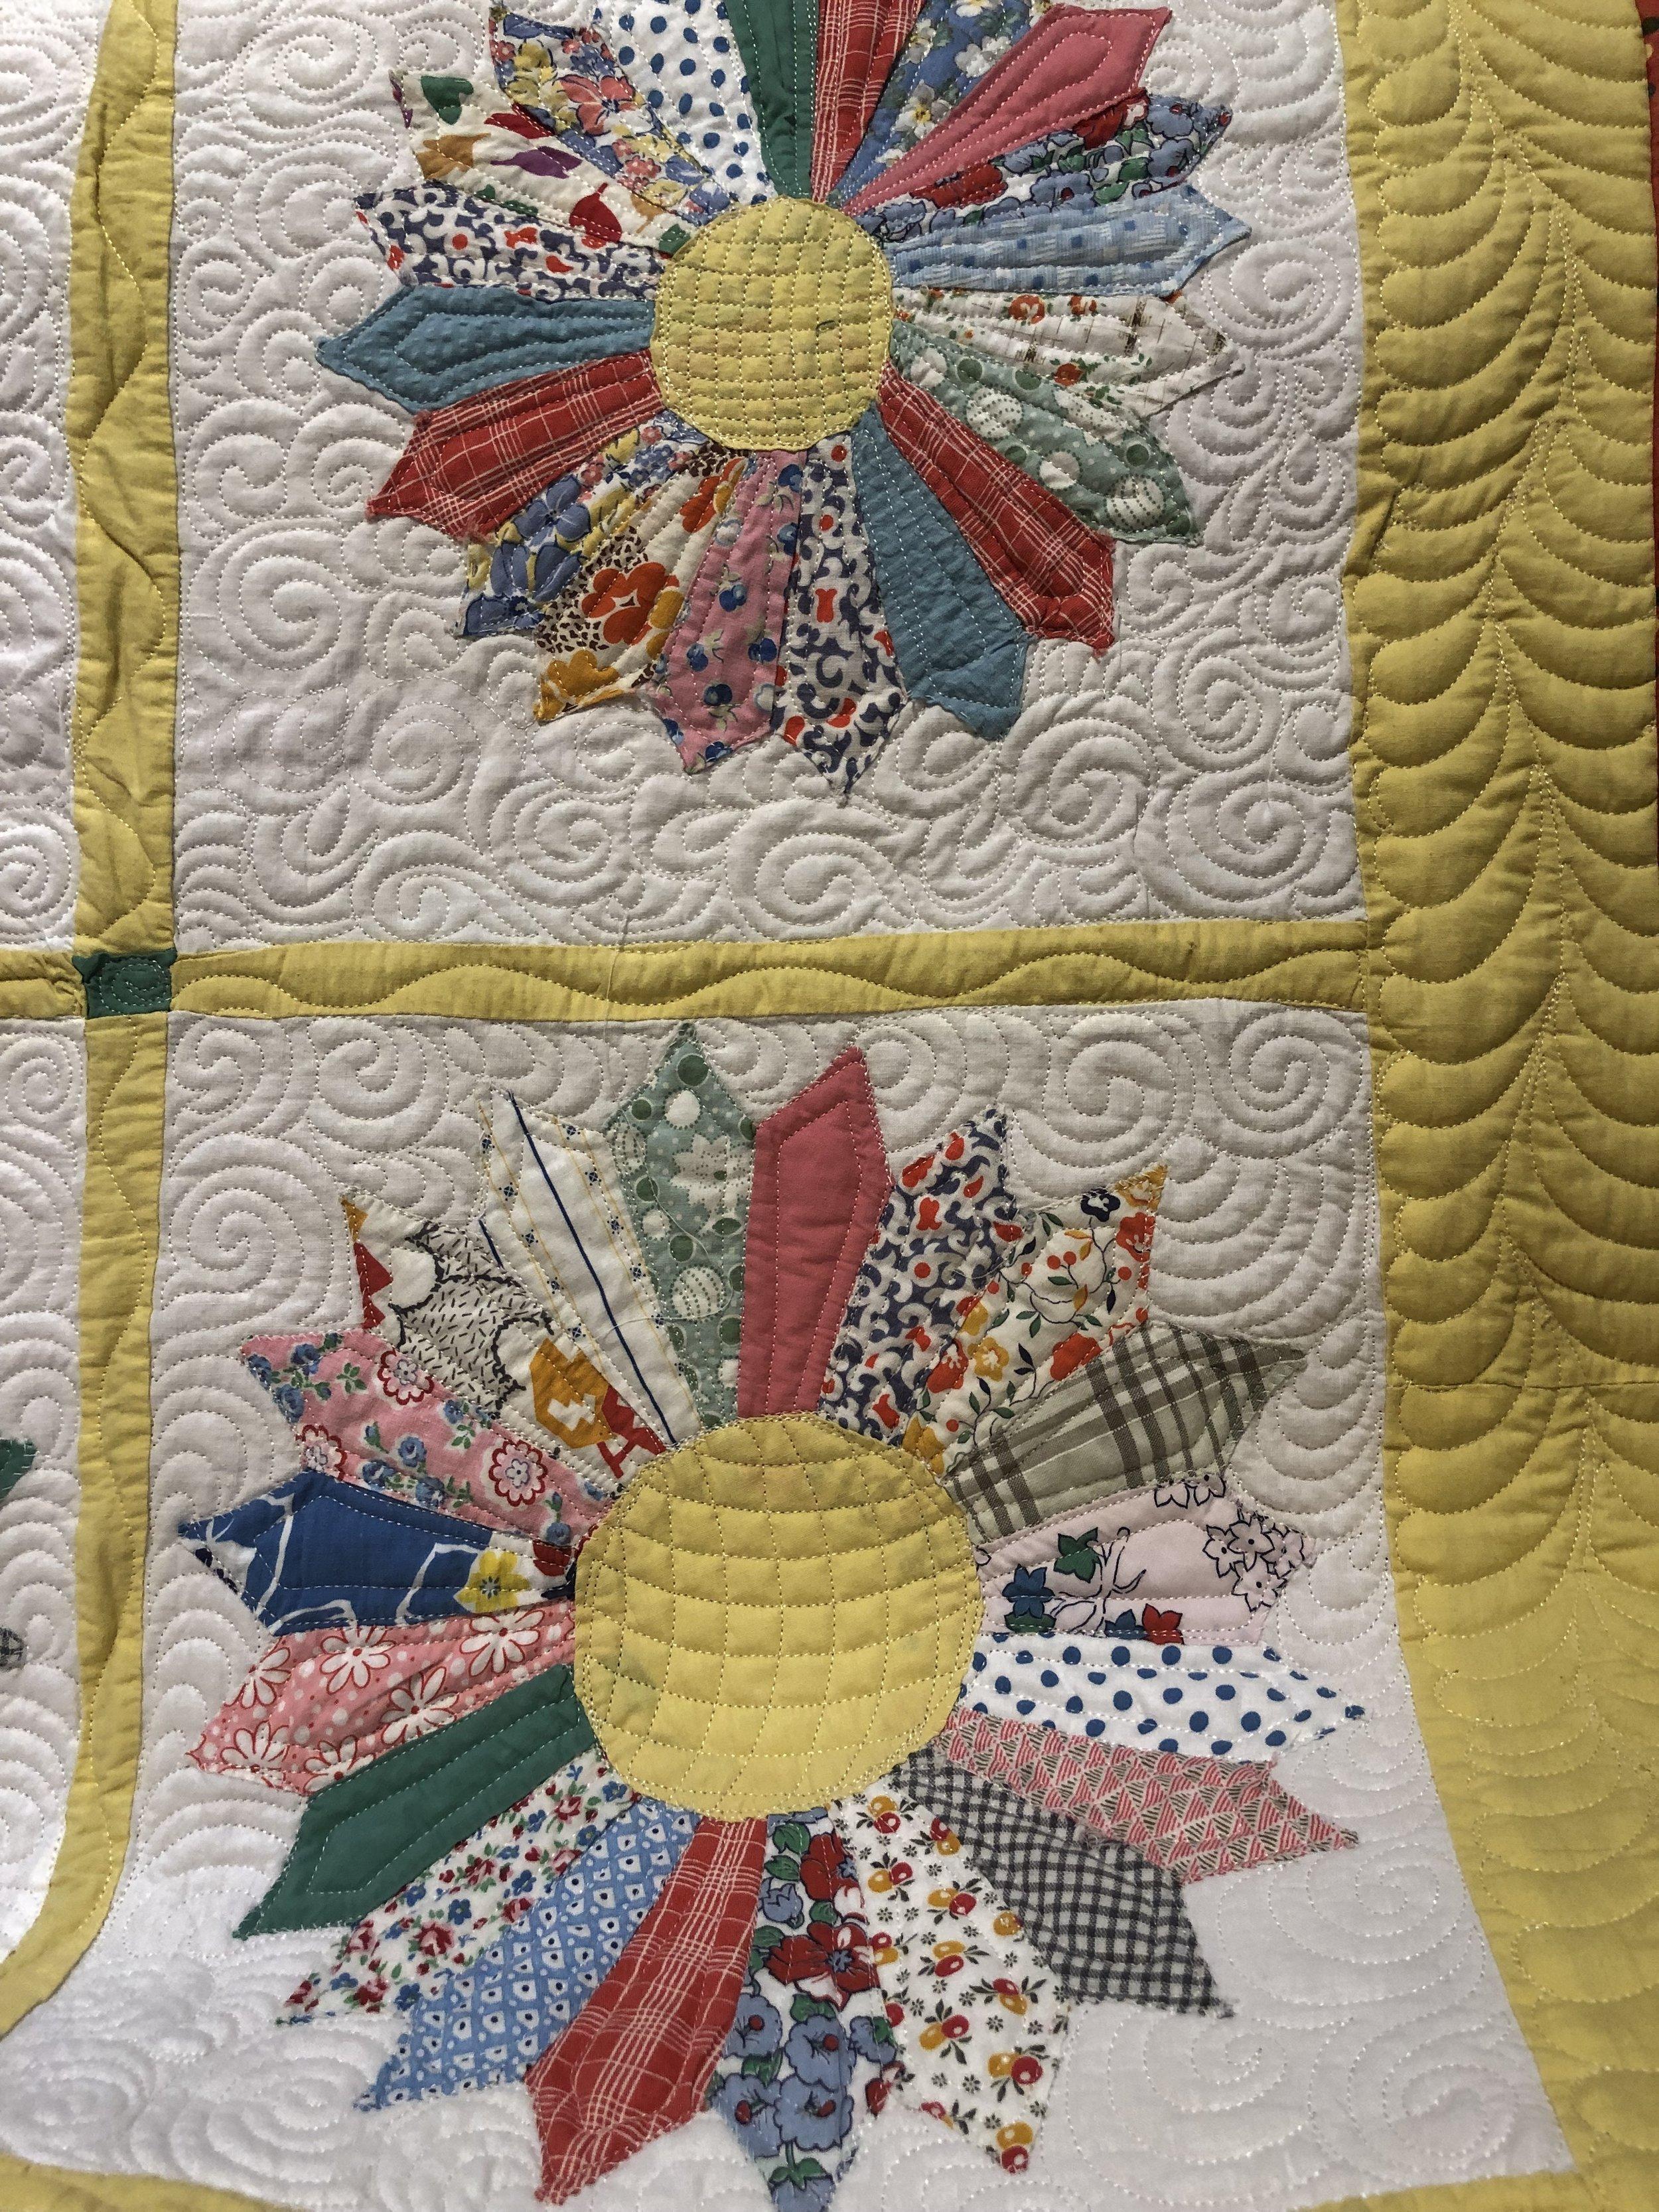 Dresden Plate Front Closeup 2